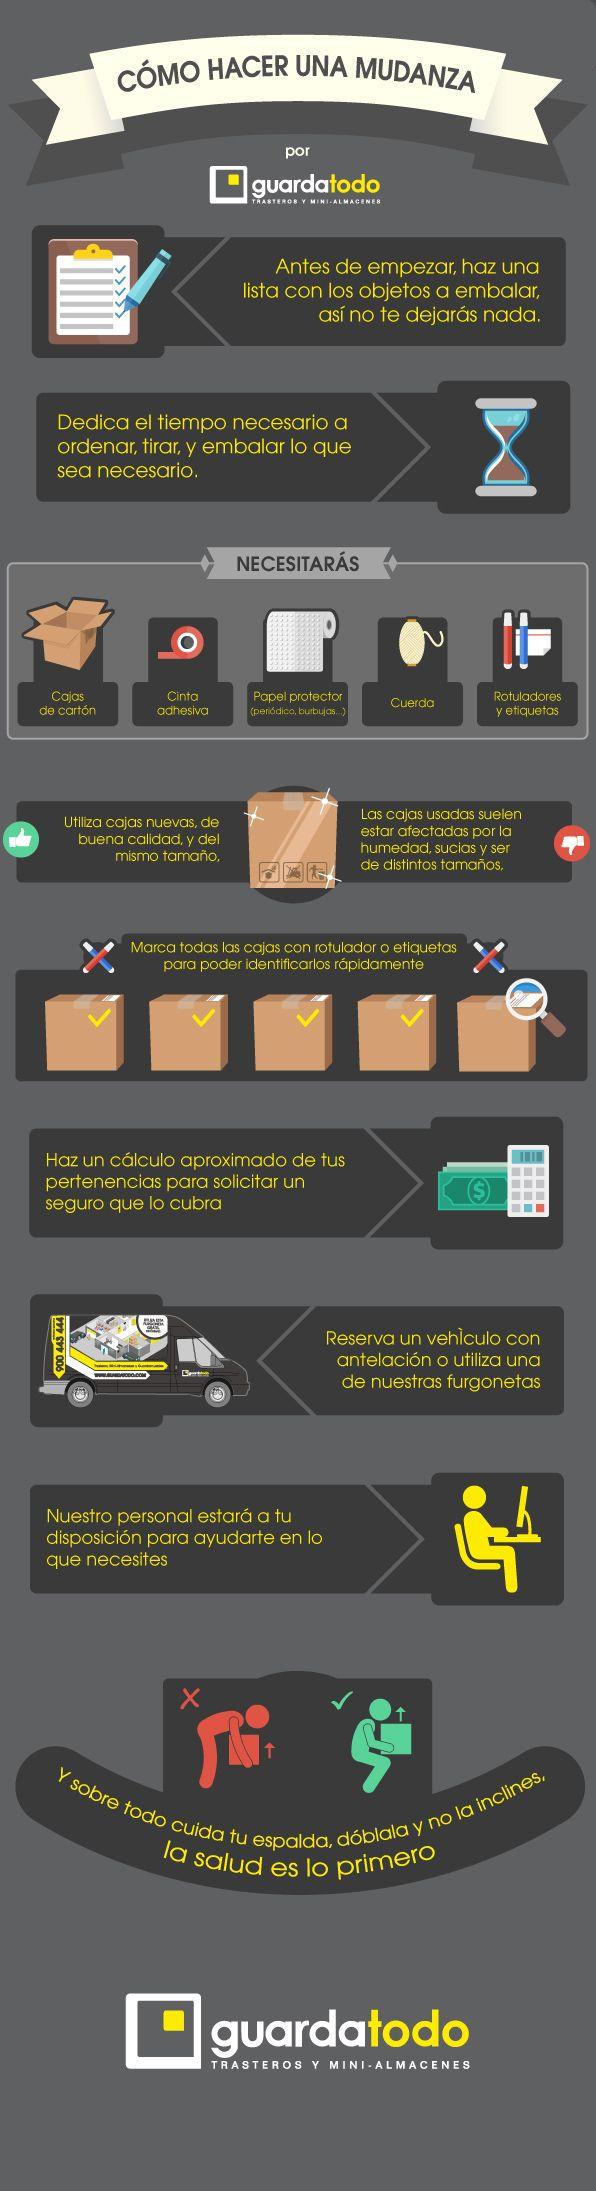 Consejos útiles de como preparar una mudanza antes de llevar los muebles y las cajas al guardamuebles